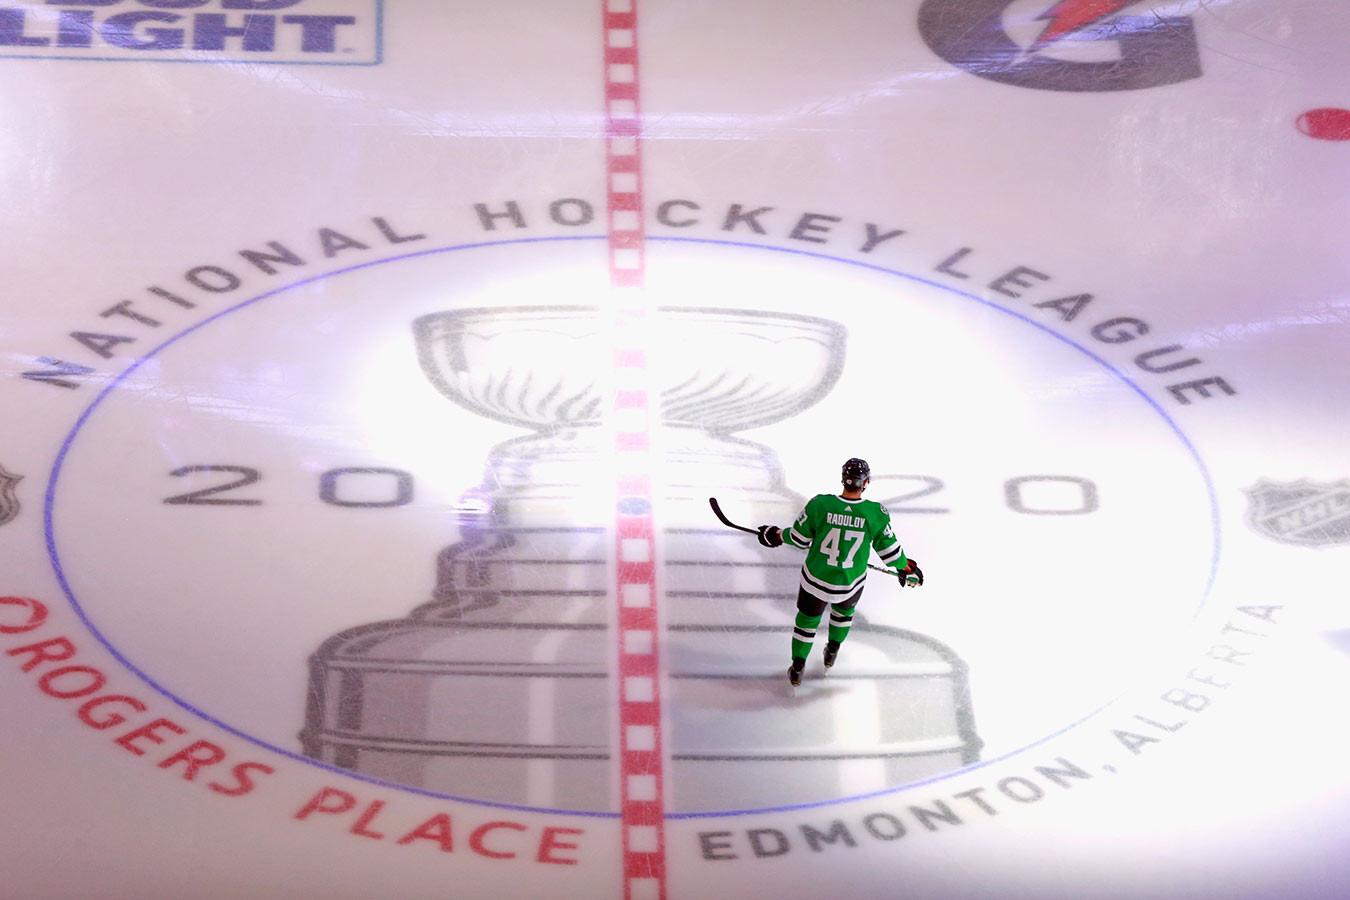 Звонкий доллар не даёт покоя. Почему НХЛ не может позволить себе полную отмену сезона